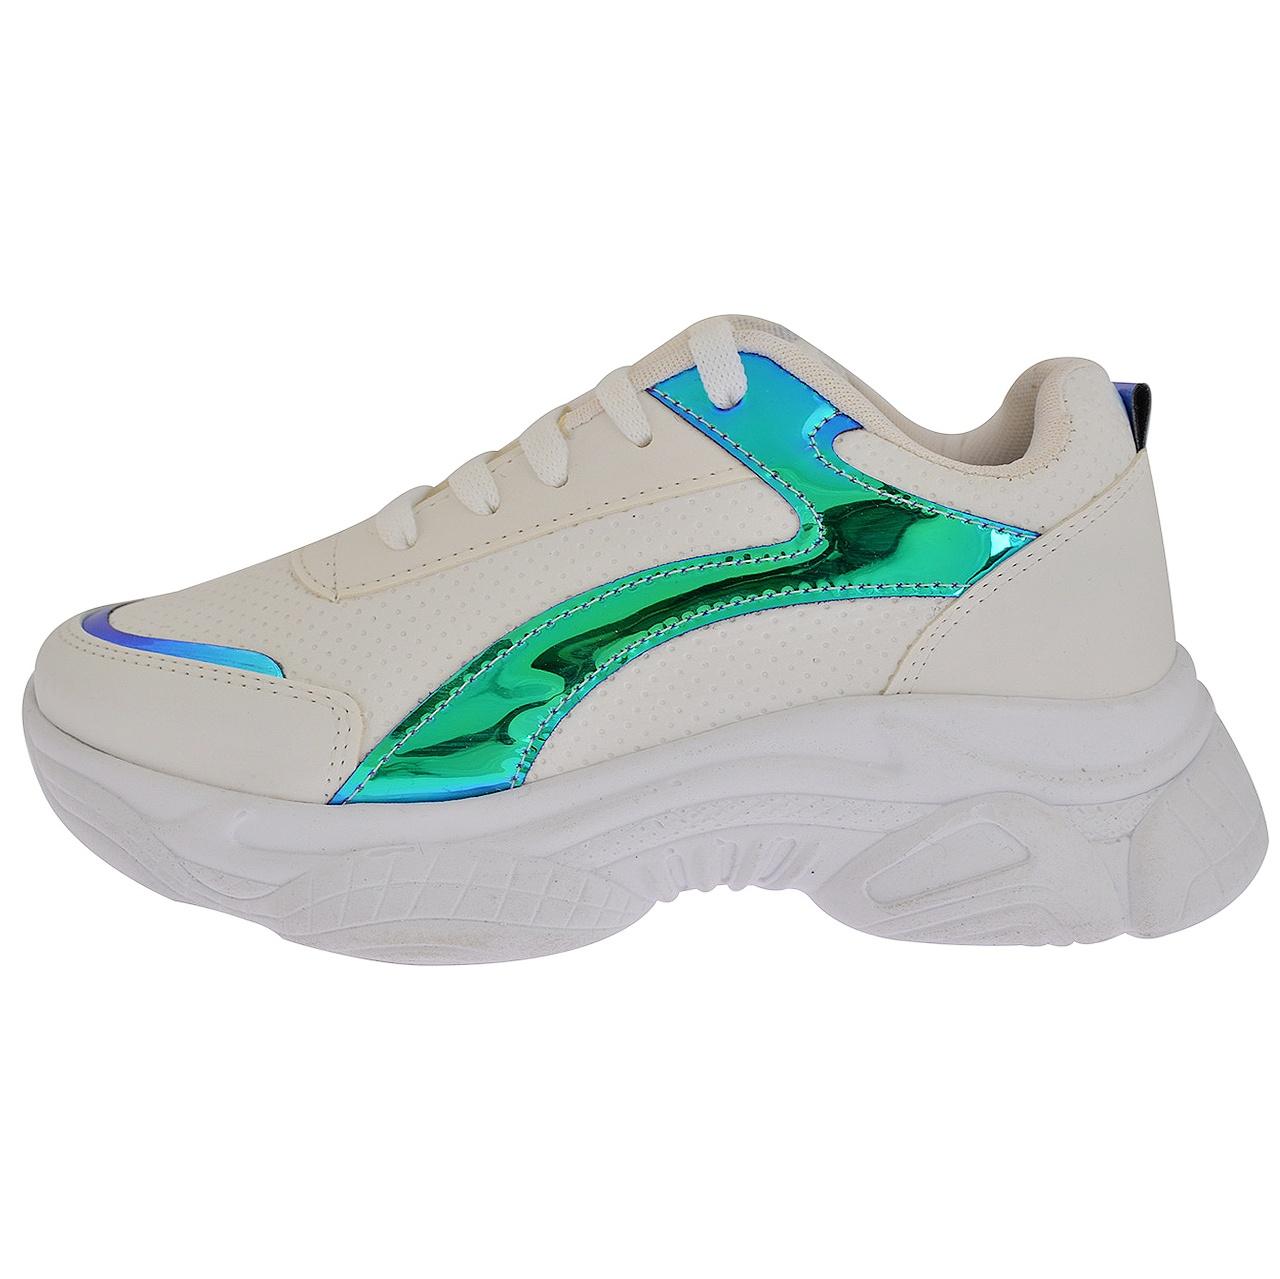 کفش راحتی زنانه کد 351002001